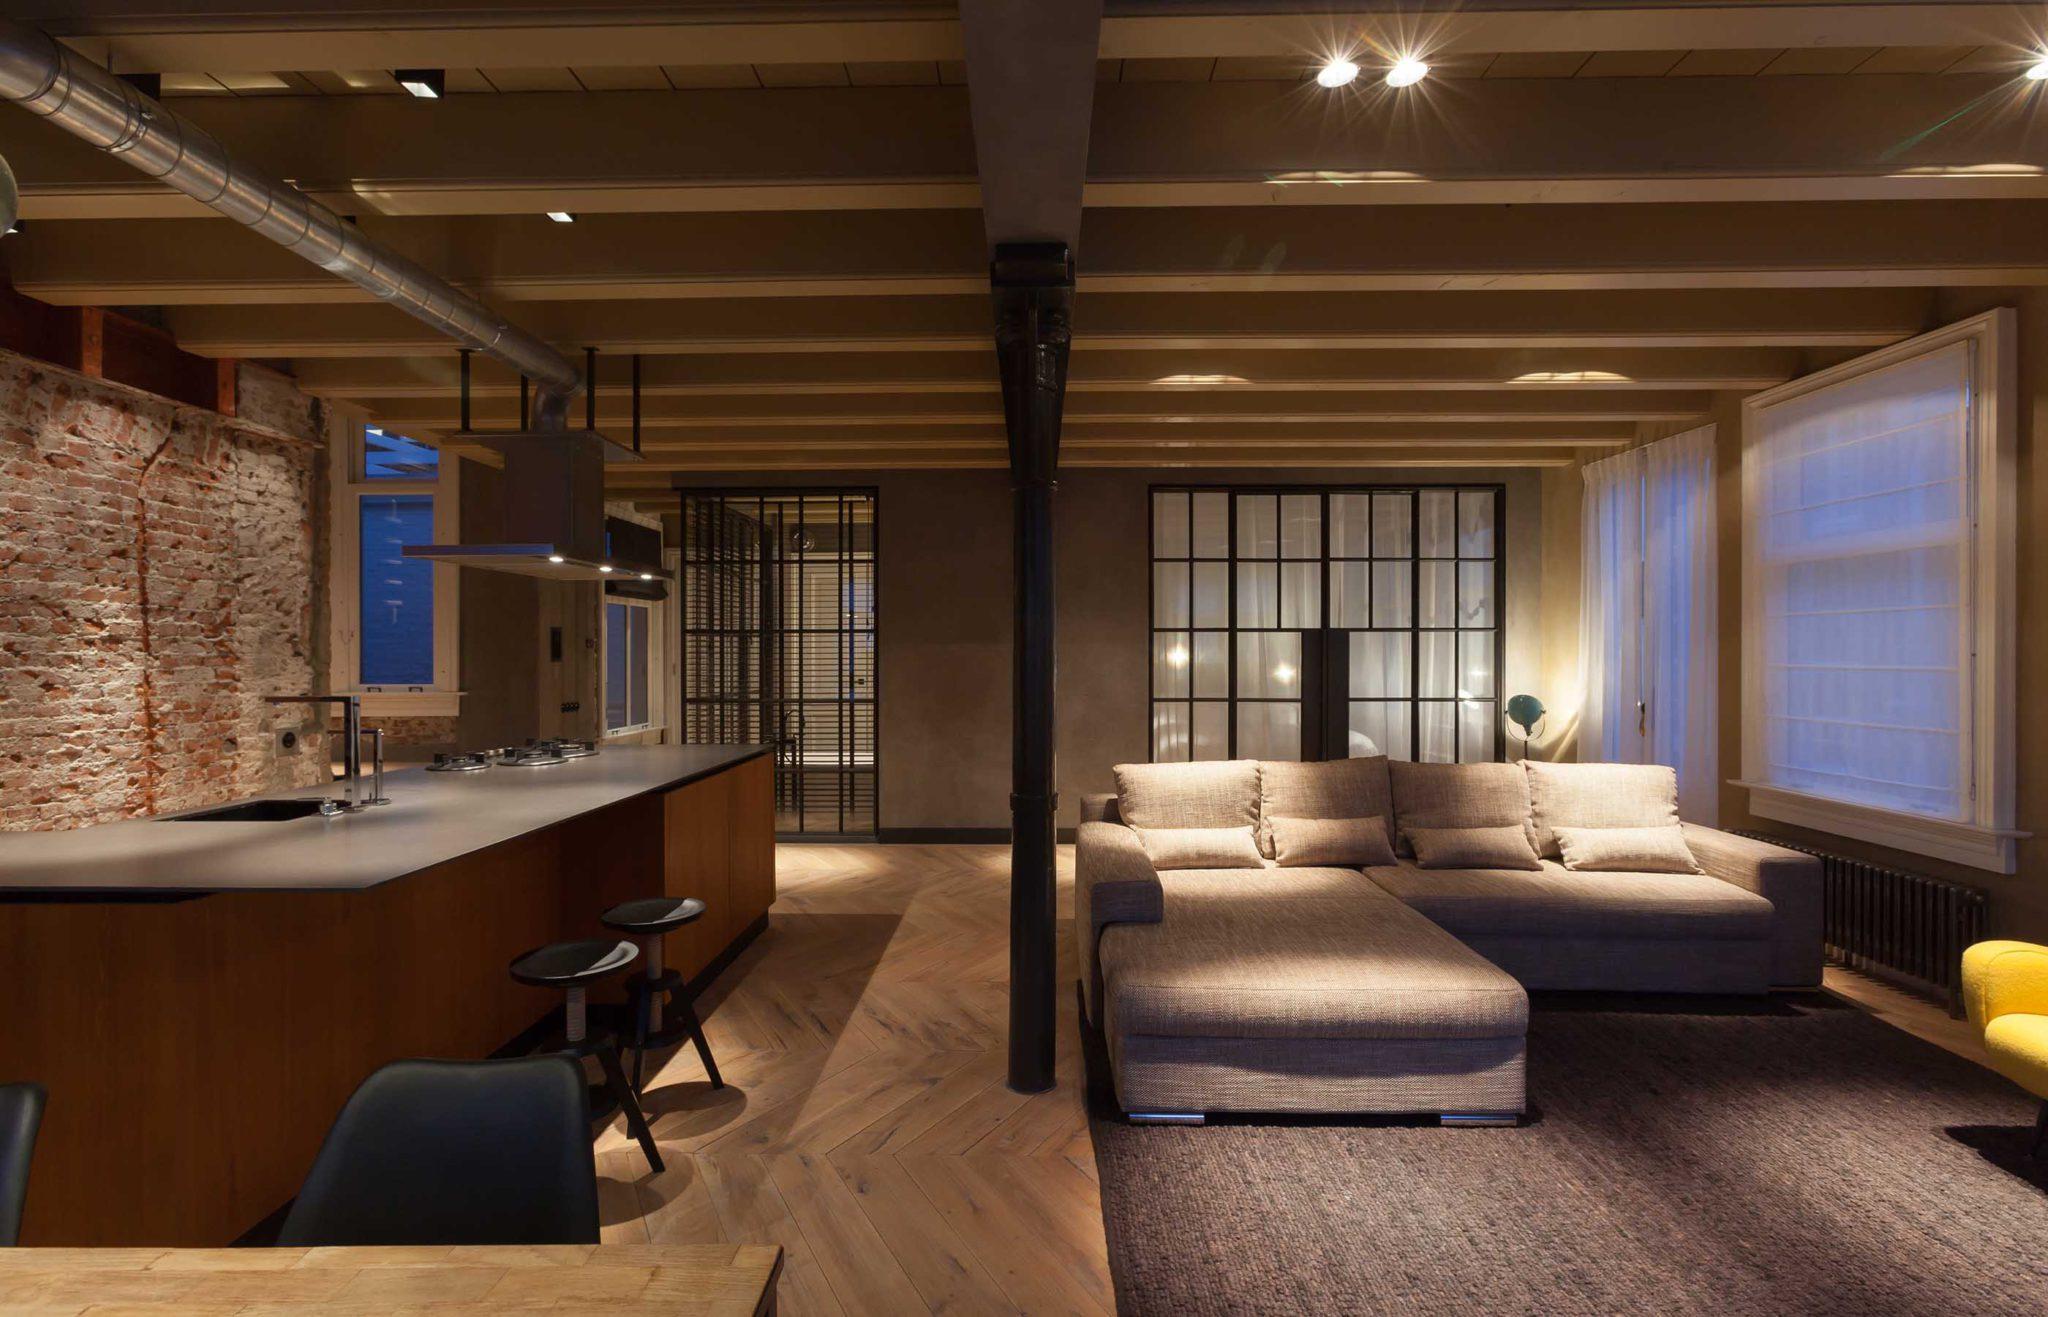 Appartement aan het rokin ontworpen door interieurontwerper Cris Van Amsterdam